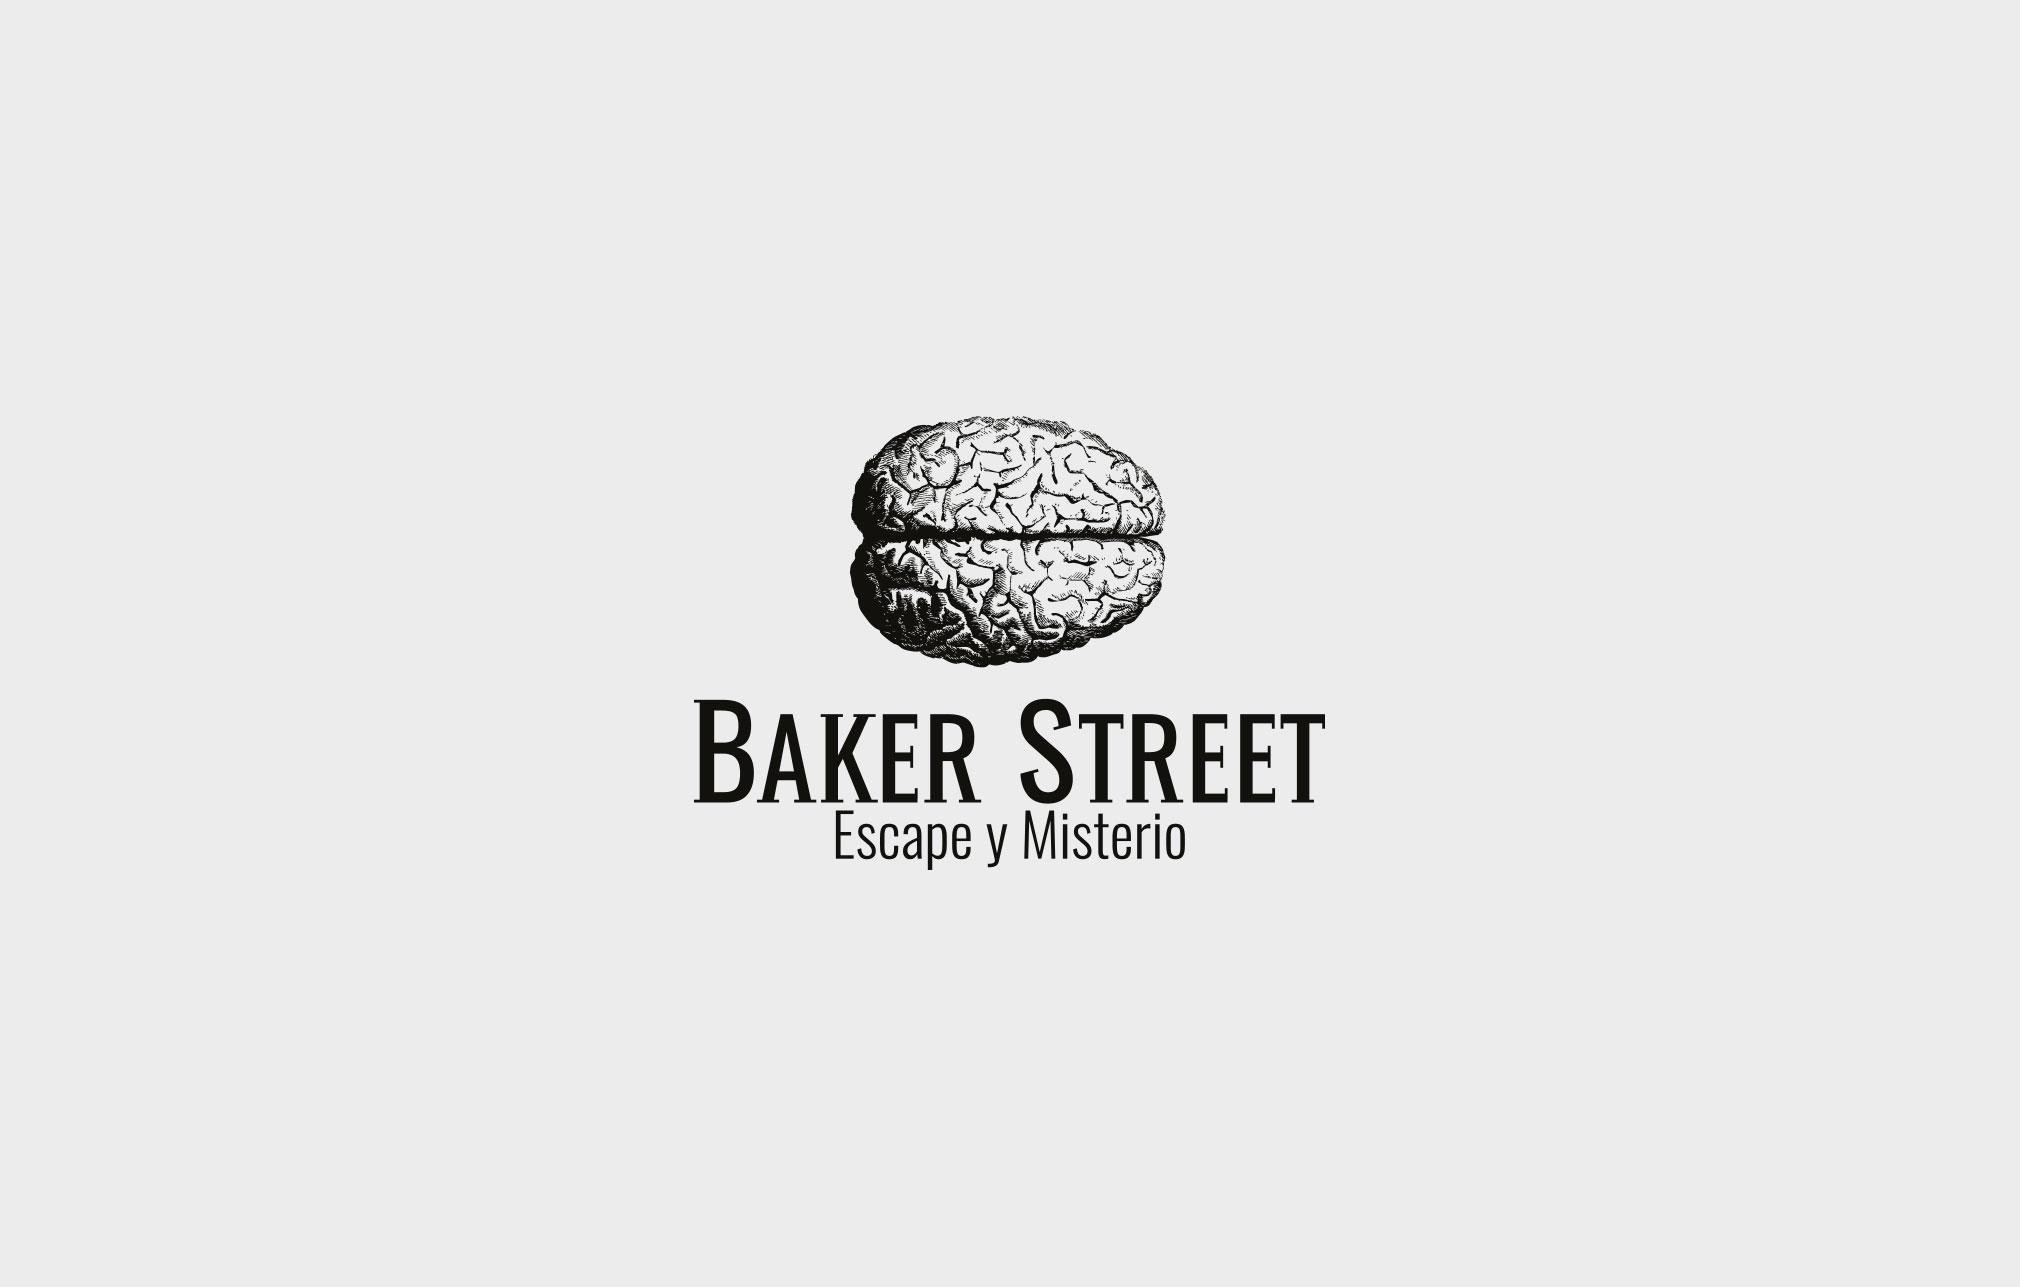 Baker Street Escape y Misterio